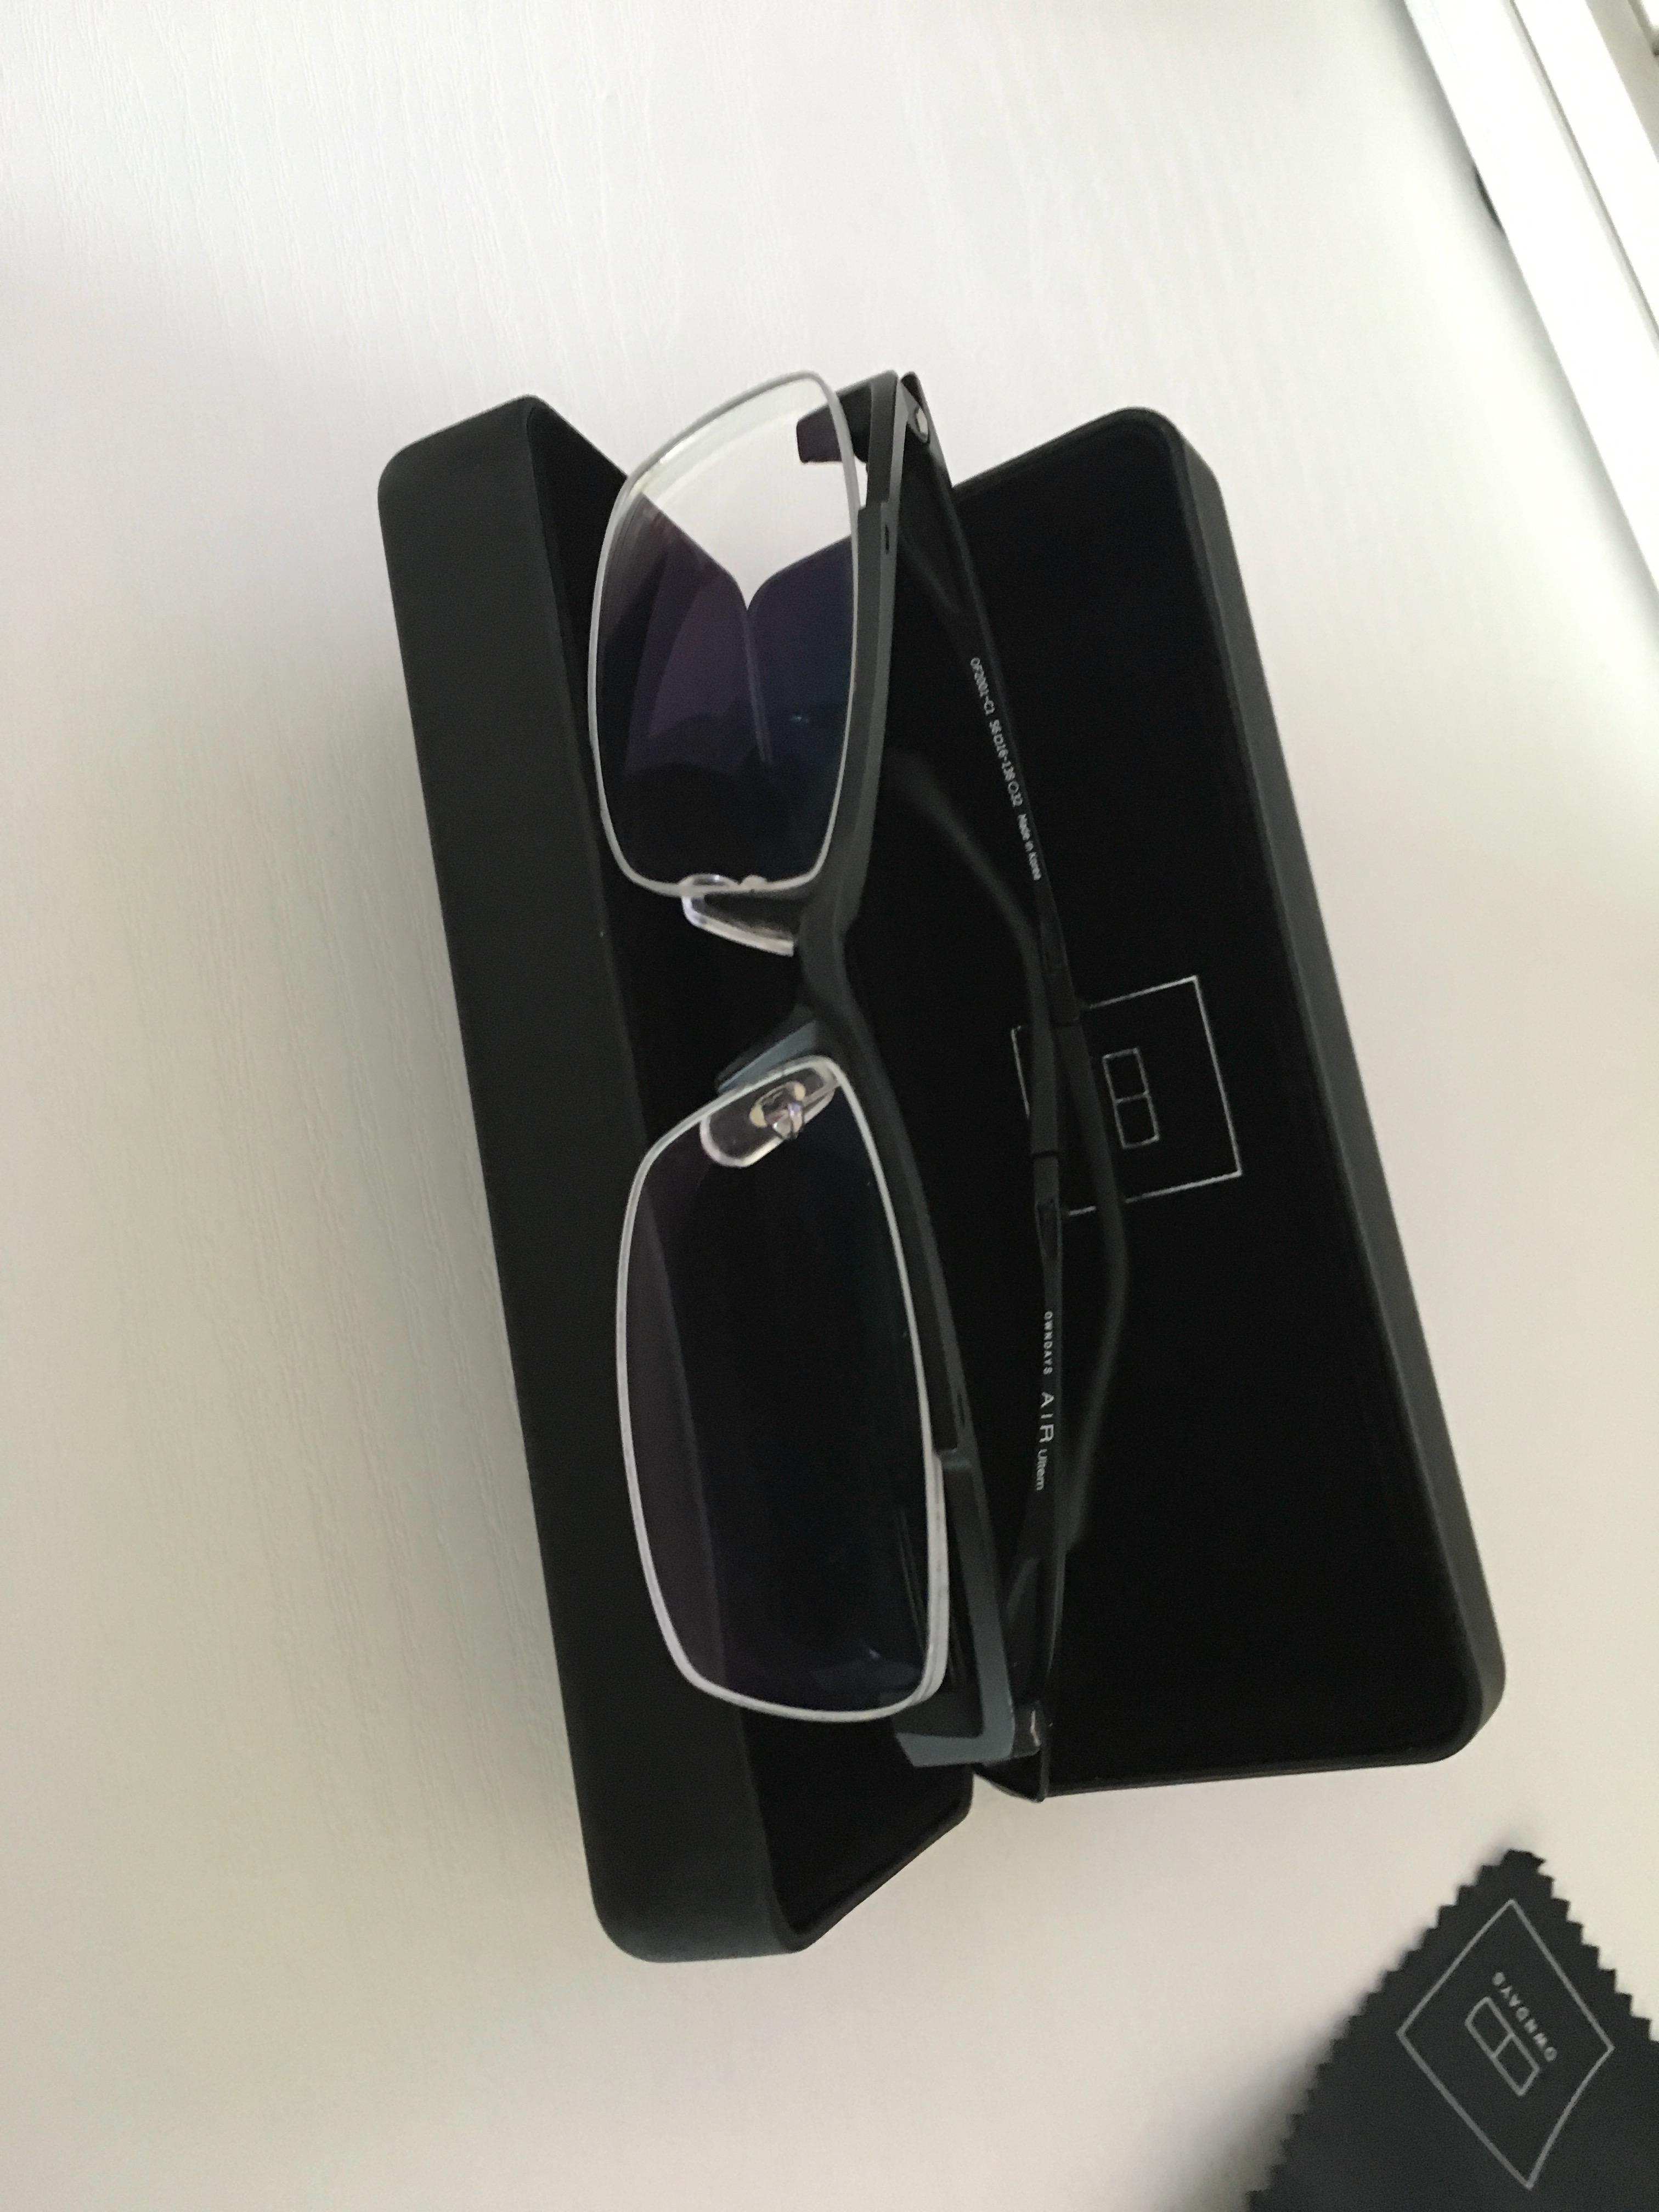 仕上がったPC作業用のメガネ